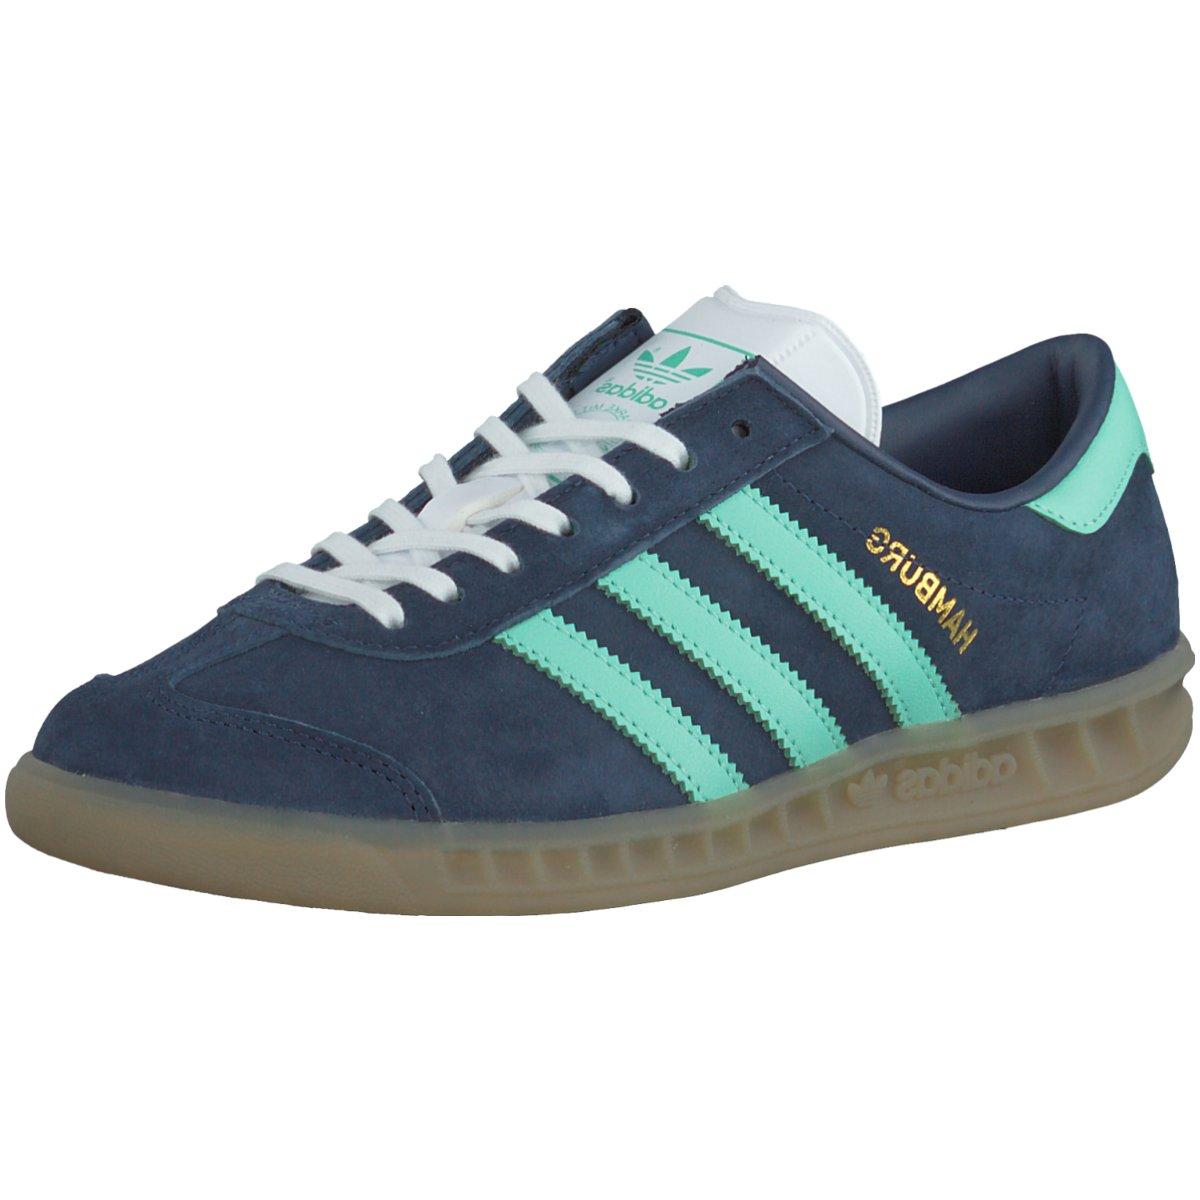 NEU adidas Originals Herren Sneaker Hamburg Sneaker Damen Schuhe dunkelgrau